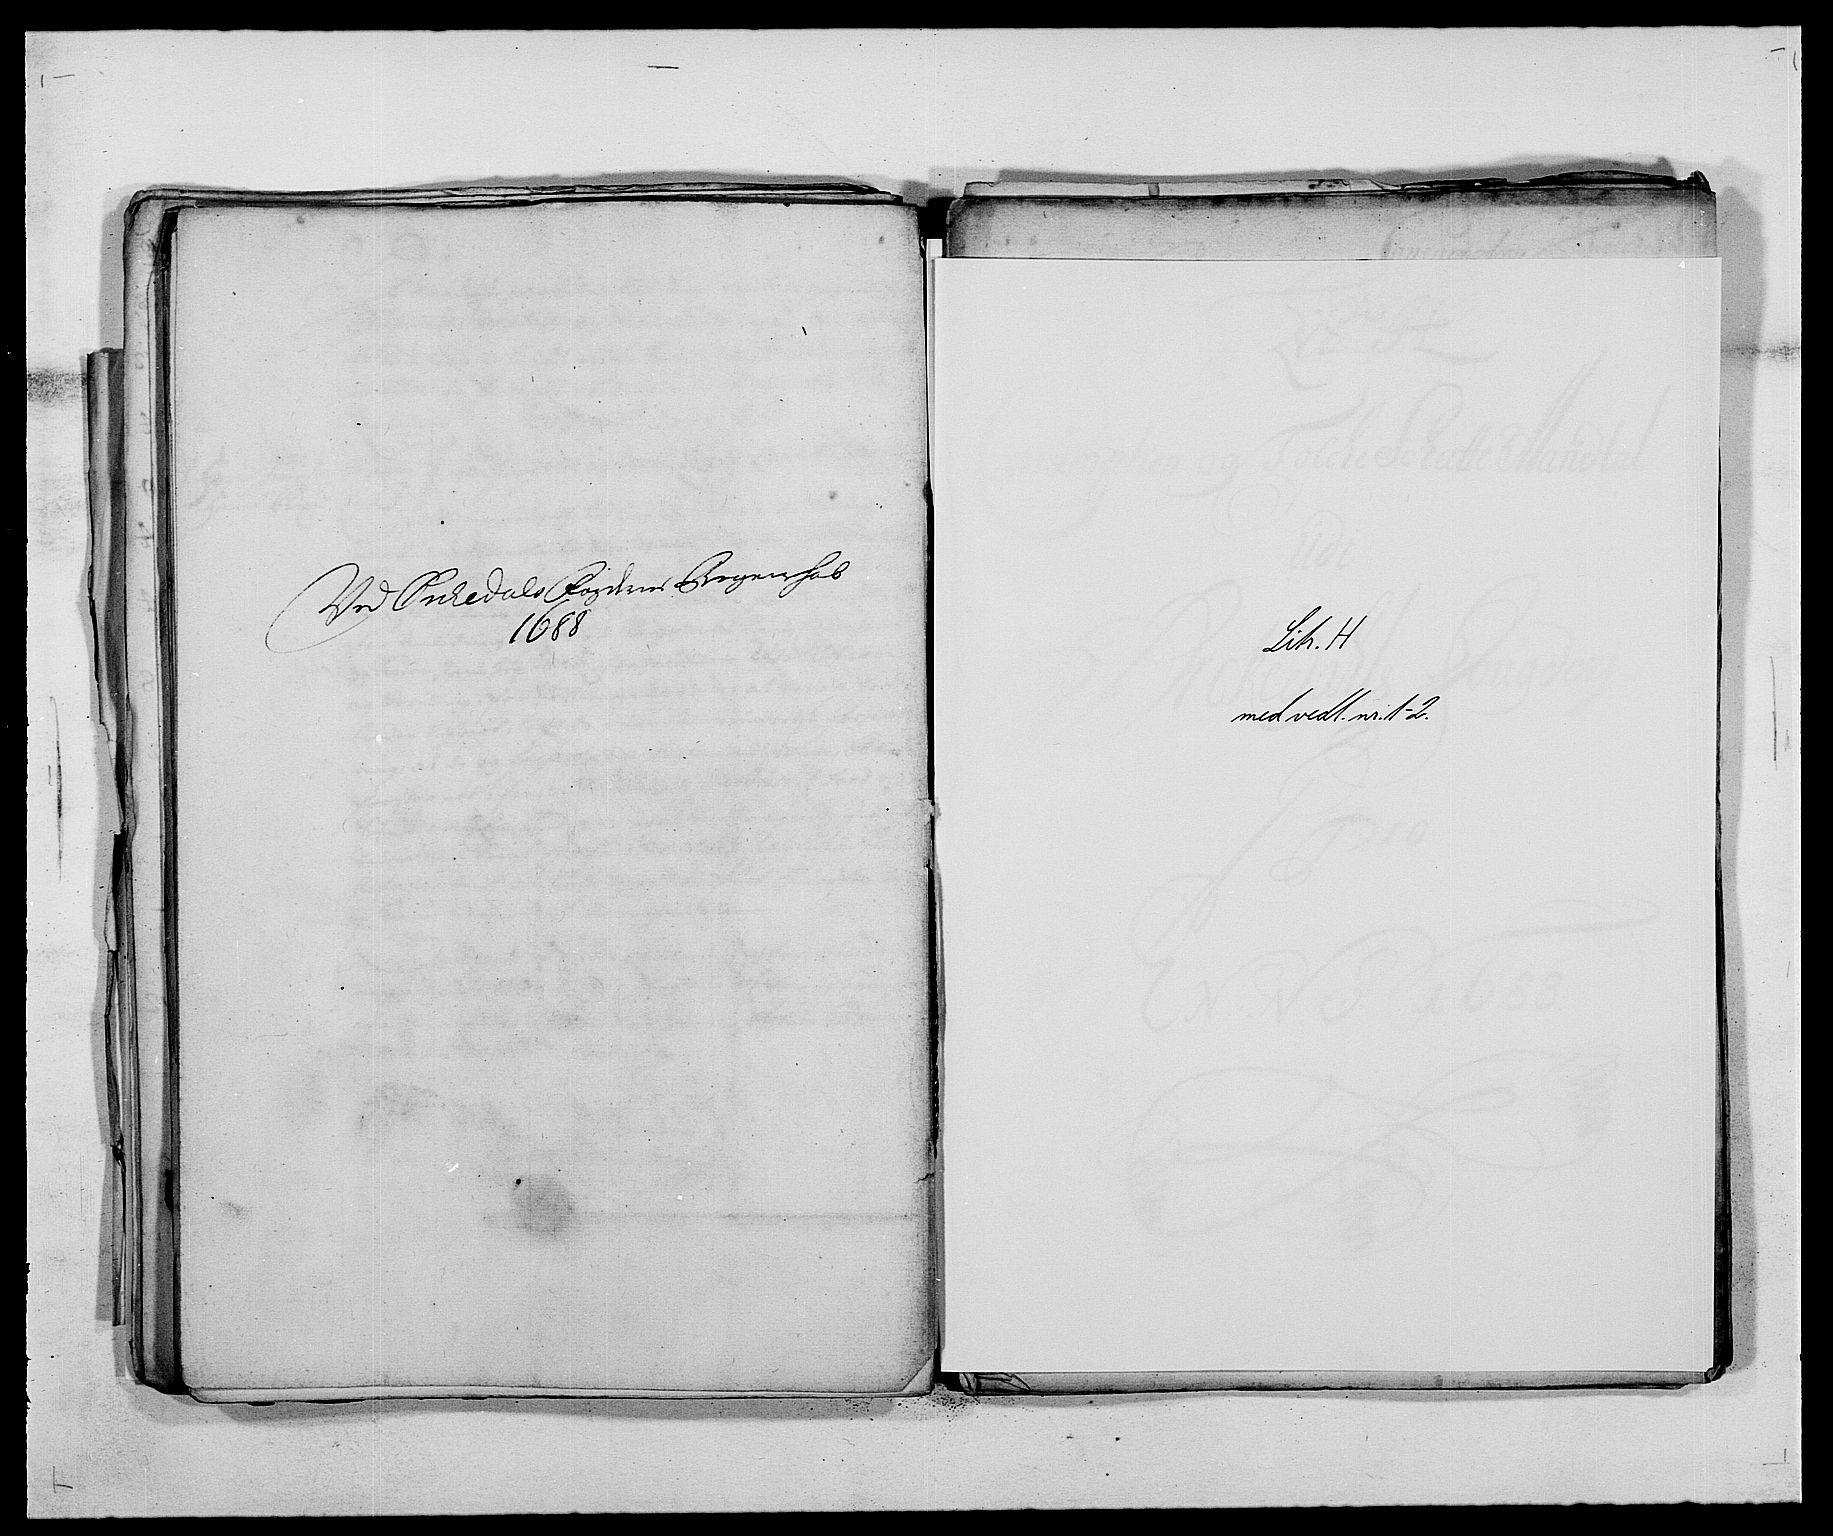 RA, Rentekammeret inntil 1814, Reviderte regnskaper, Fogderegnskap, R58/L3935: Fogderegnskap Orkdal, 1687-1688, s. 302